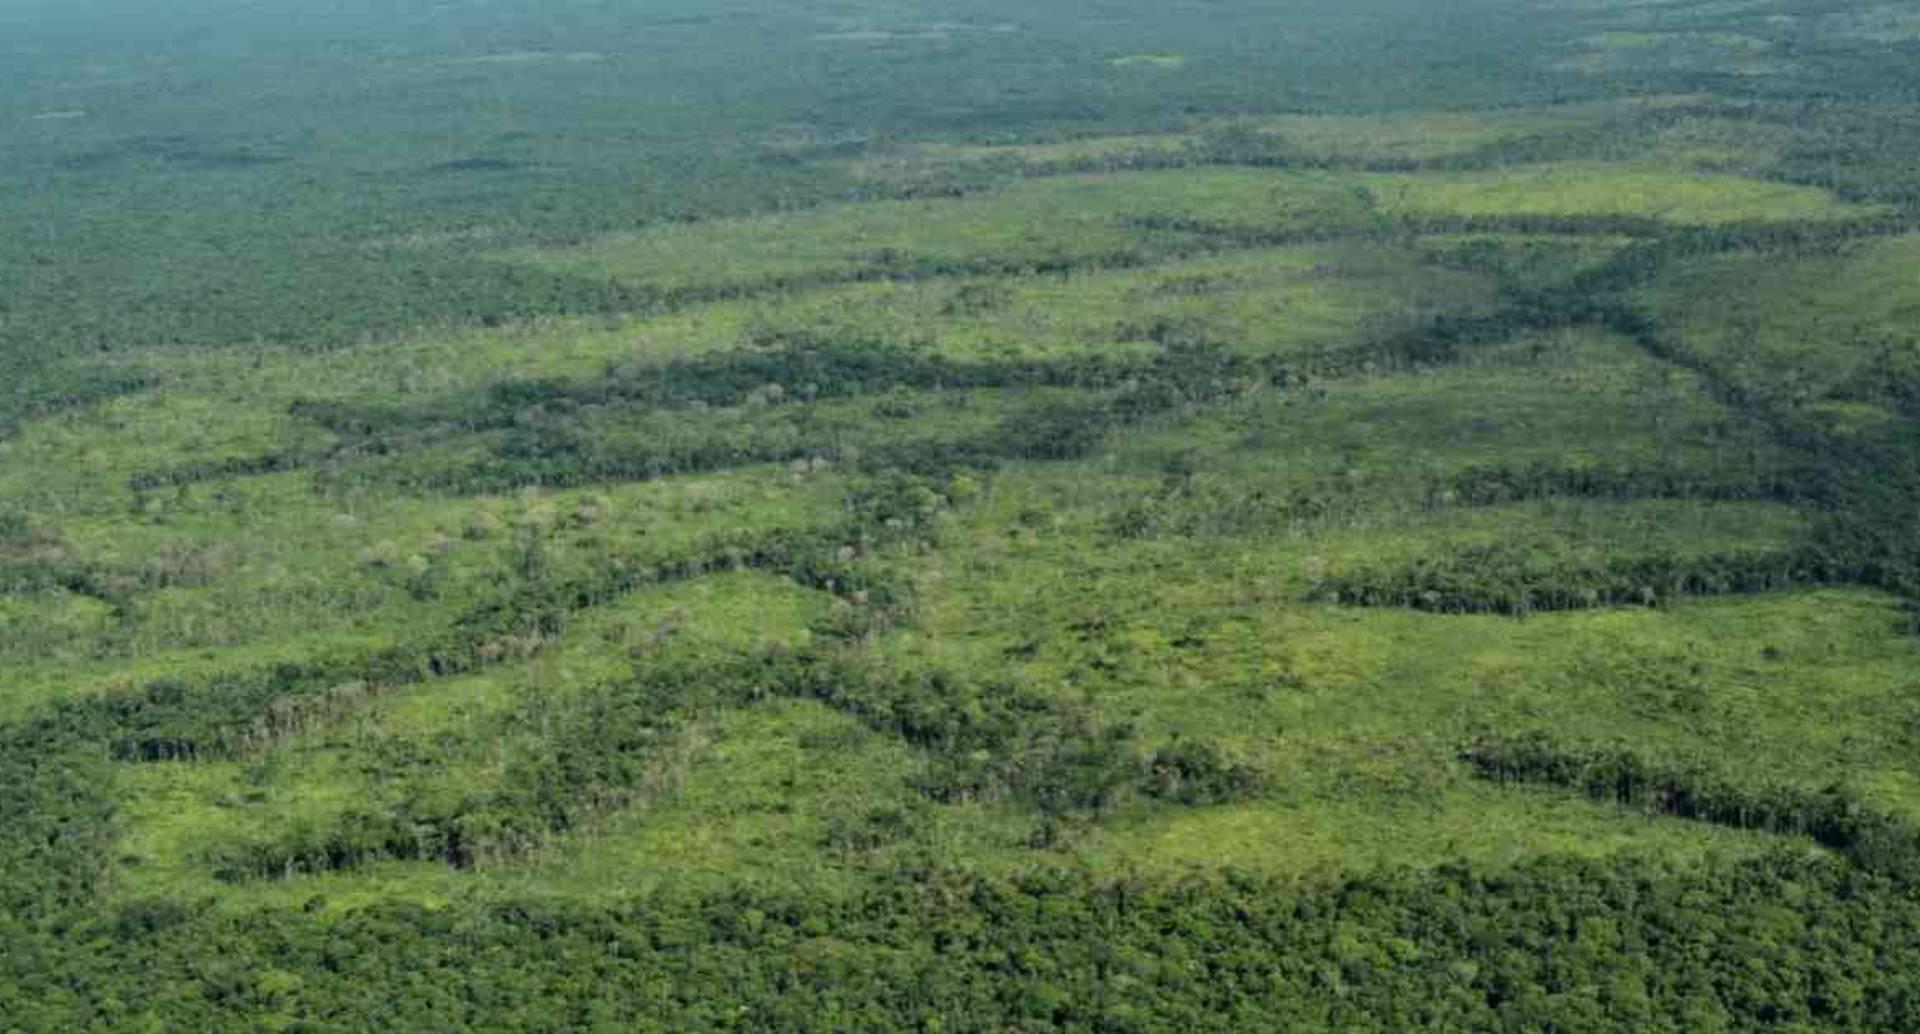 Un total de 829 km2 de la selva amazónica fueron deforestadas en mayo de 2020 en Brasil. Foto ilustración: Rodrigo Botero